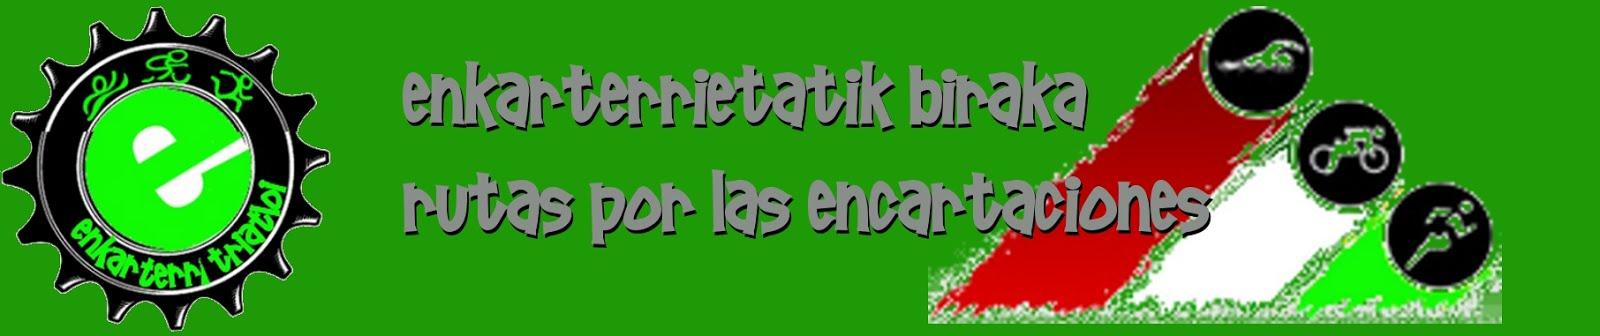 Enkarterrietatik biraka / Rutas por las Encartaciones con Enkarterri Triatloi